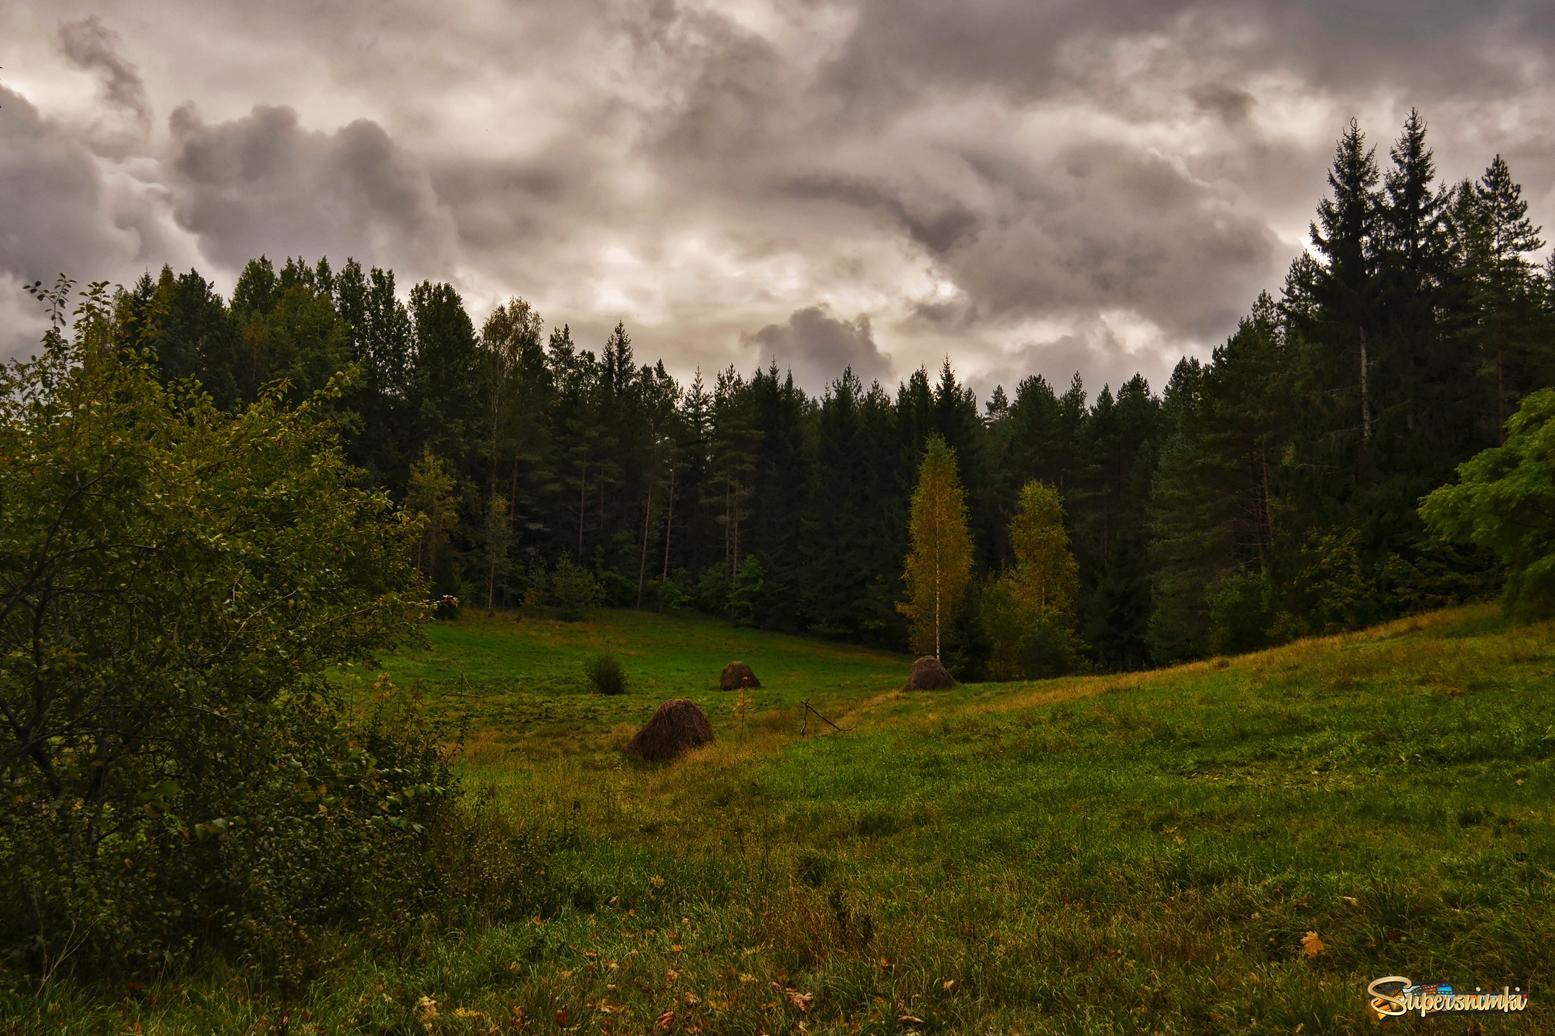 воздухозаборники бокам картинки лесных опушек надписями